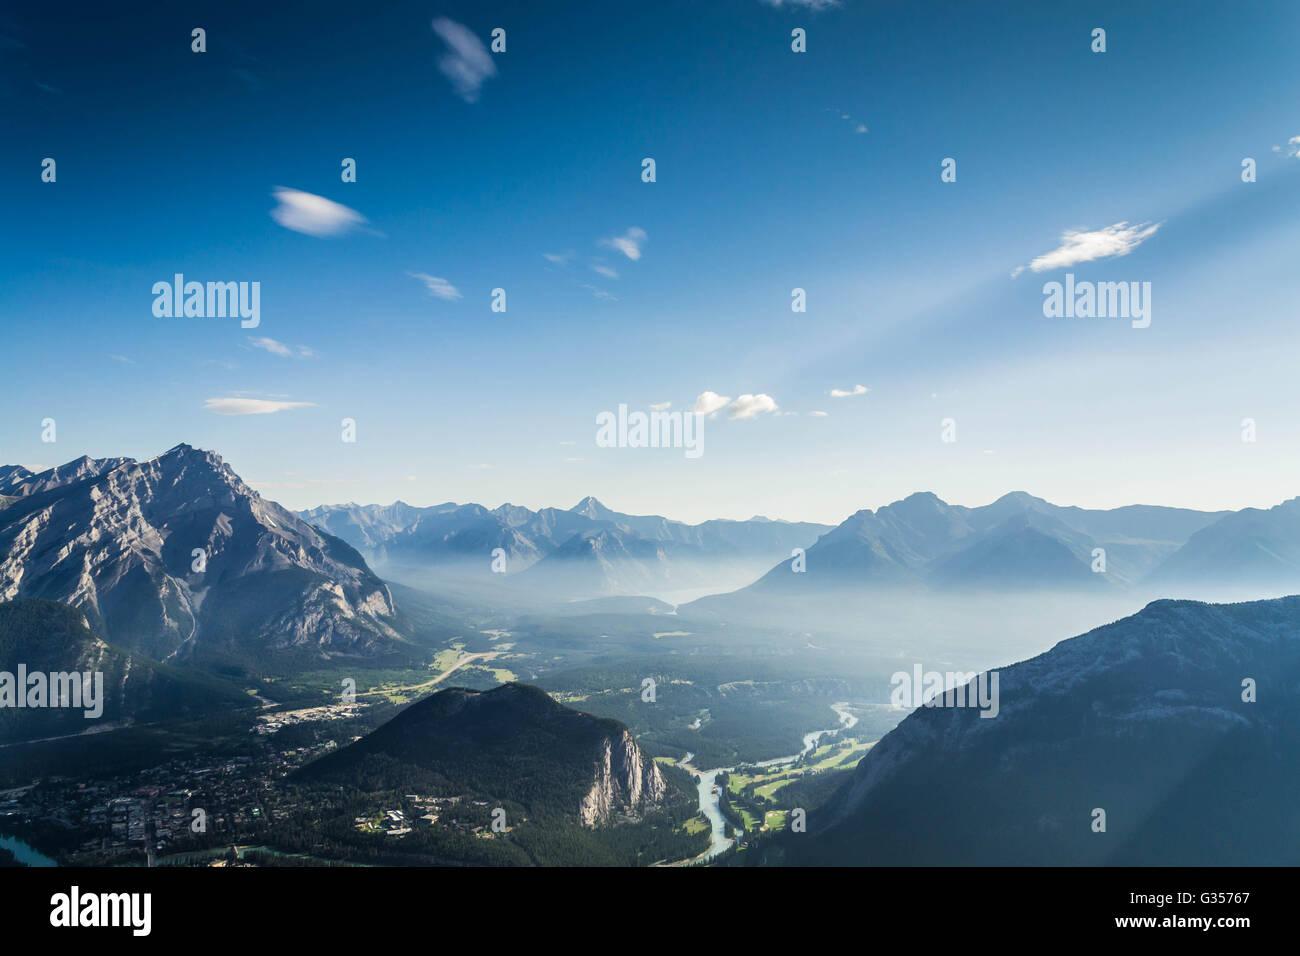 Il Paesaggio Delle Montagne Natura Paesaggio Sky Hd Wallpaper Natura